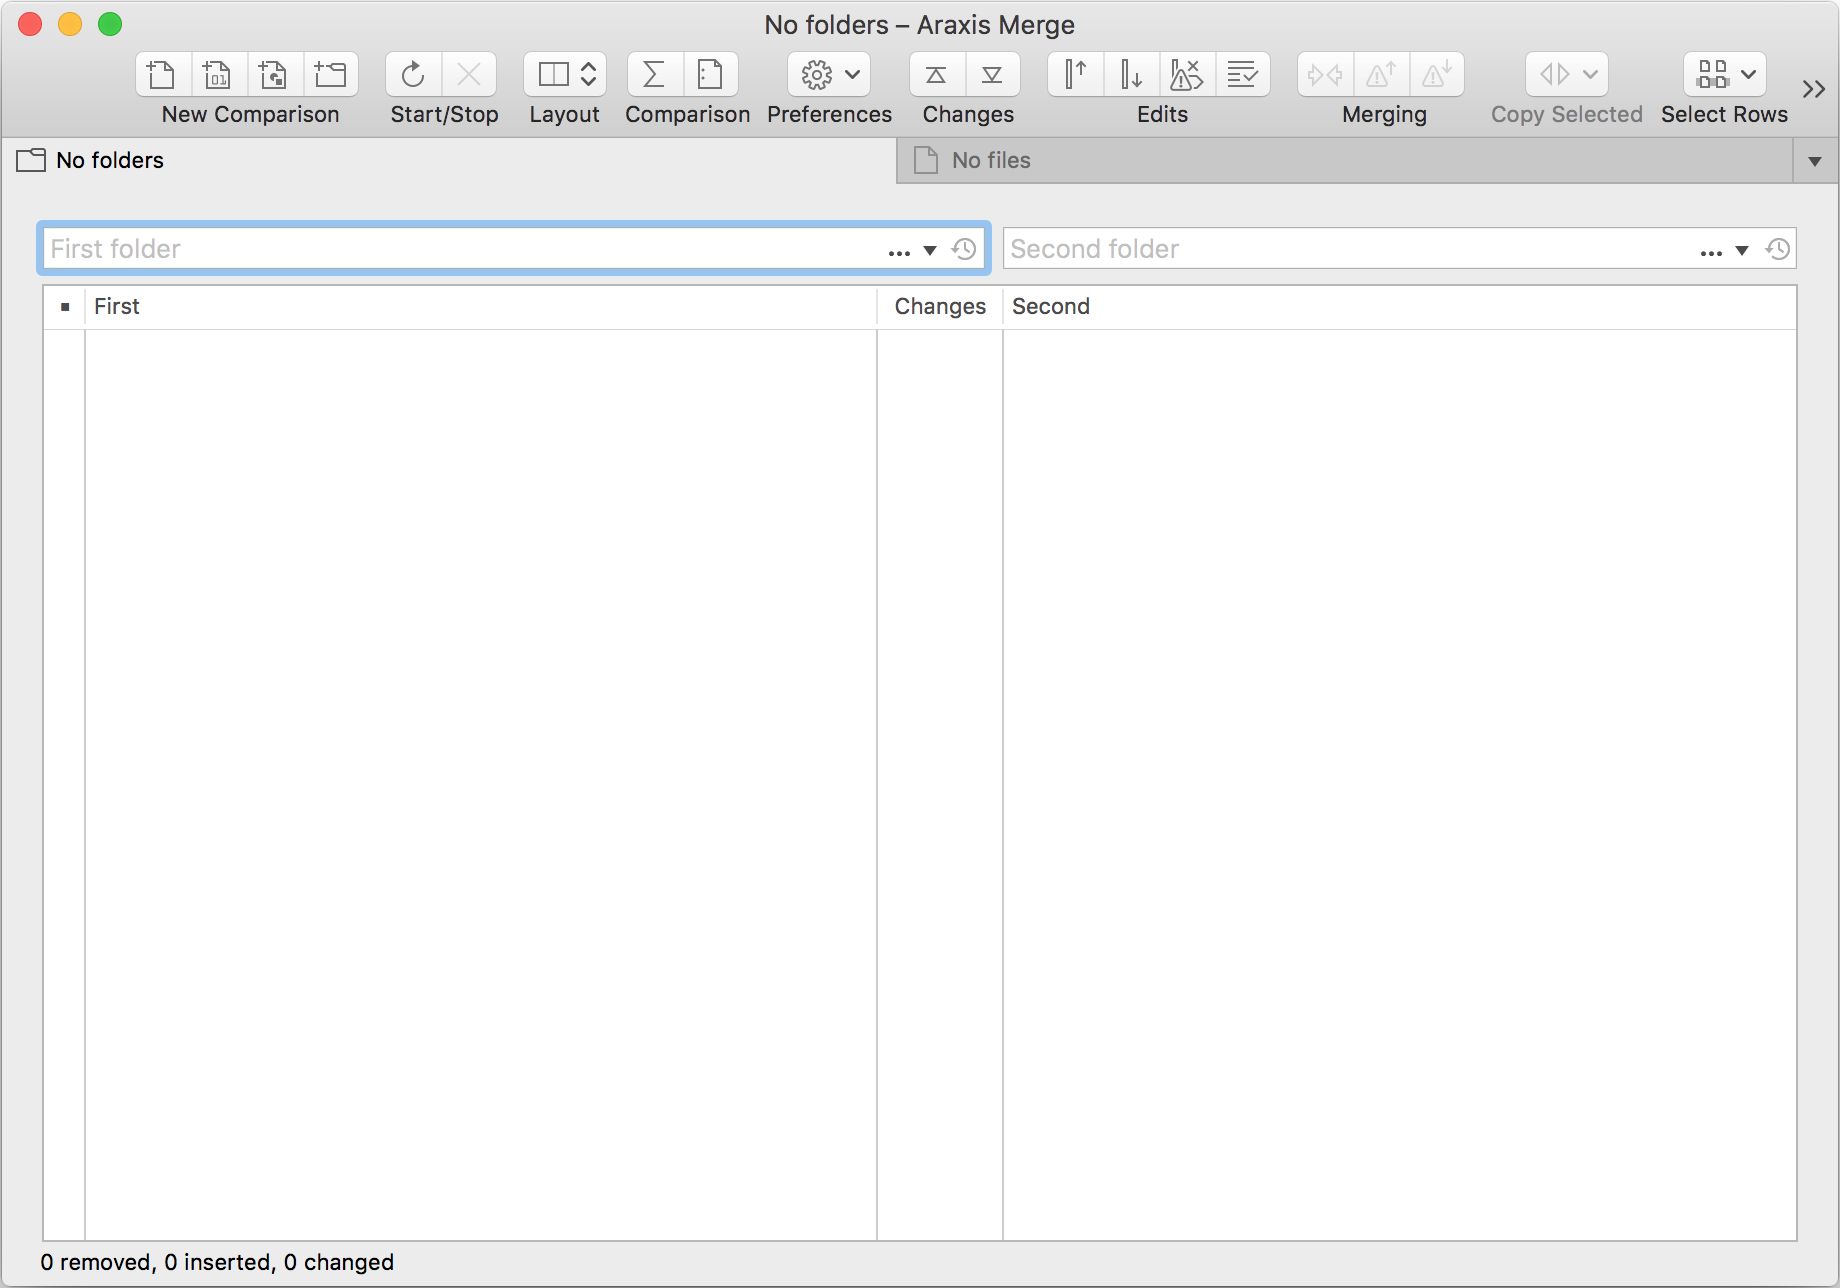 Comparing Folders